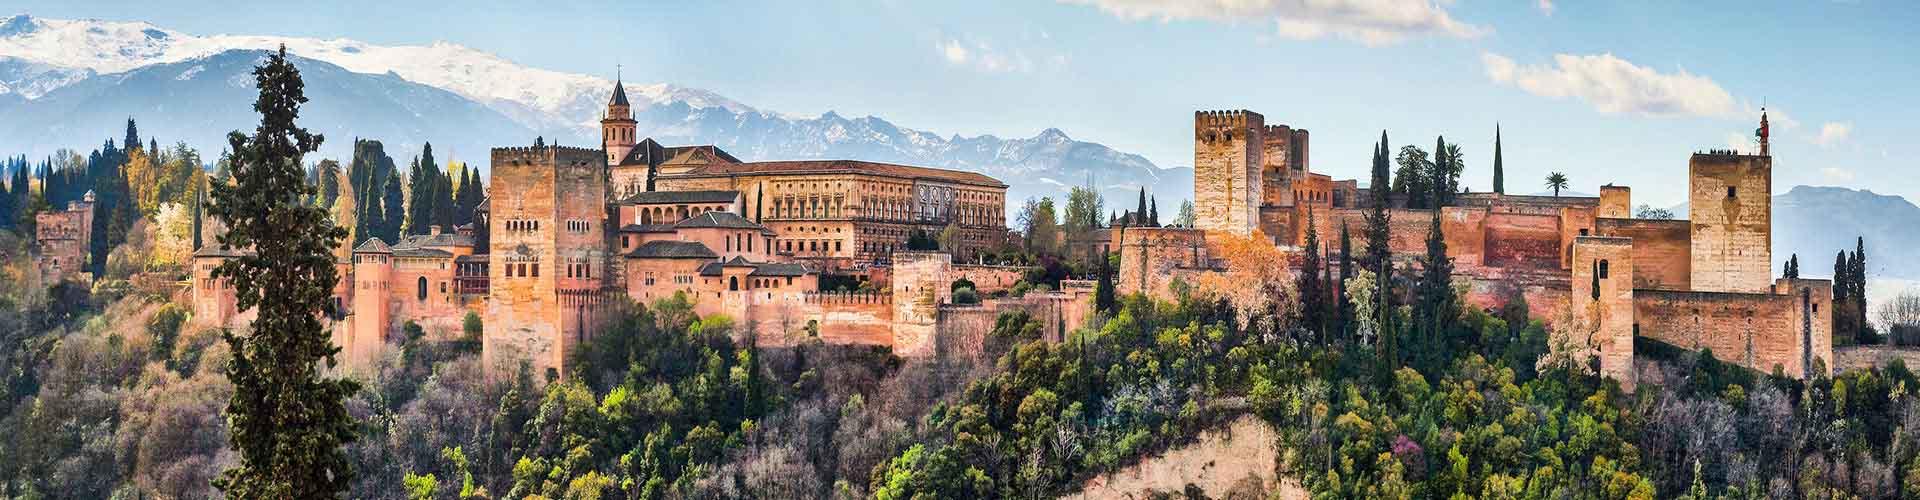 Grenade - Appartements dans le quartier de Alhambra. Cartes pour Grenade, photos et commentaires pour chaque appartement à Grenade.